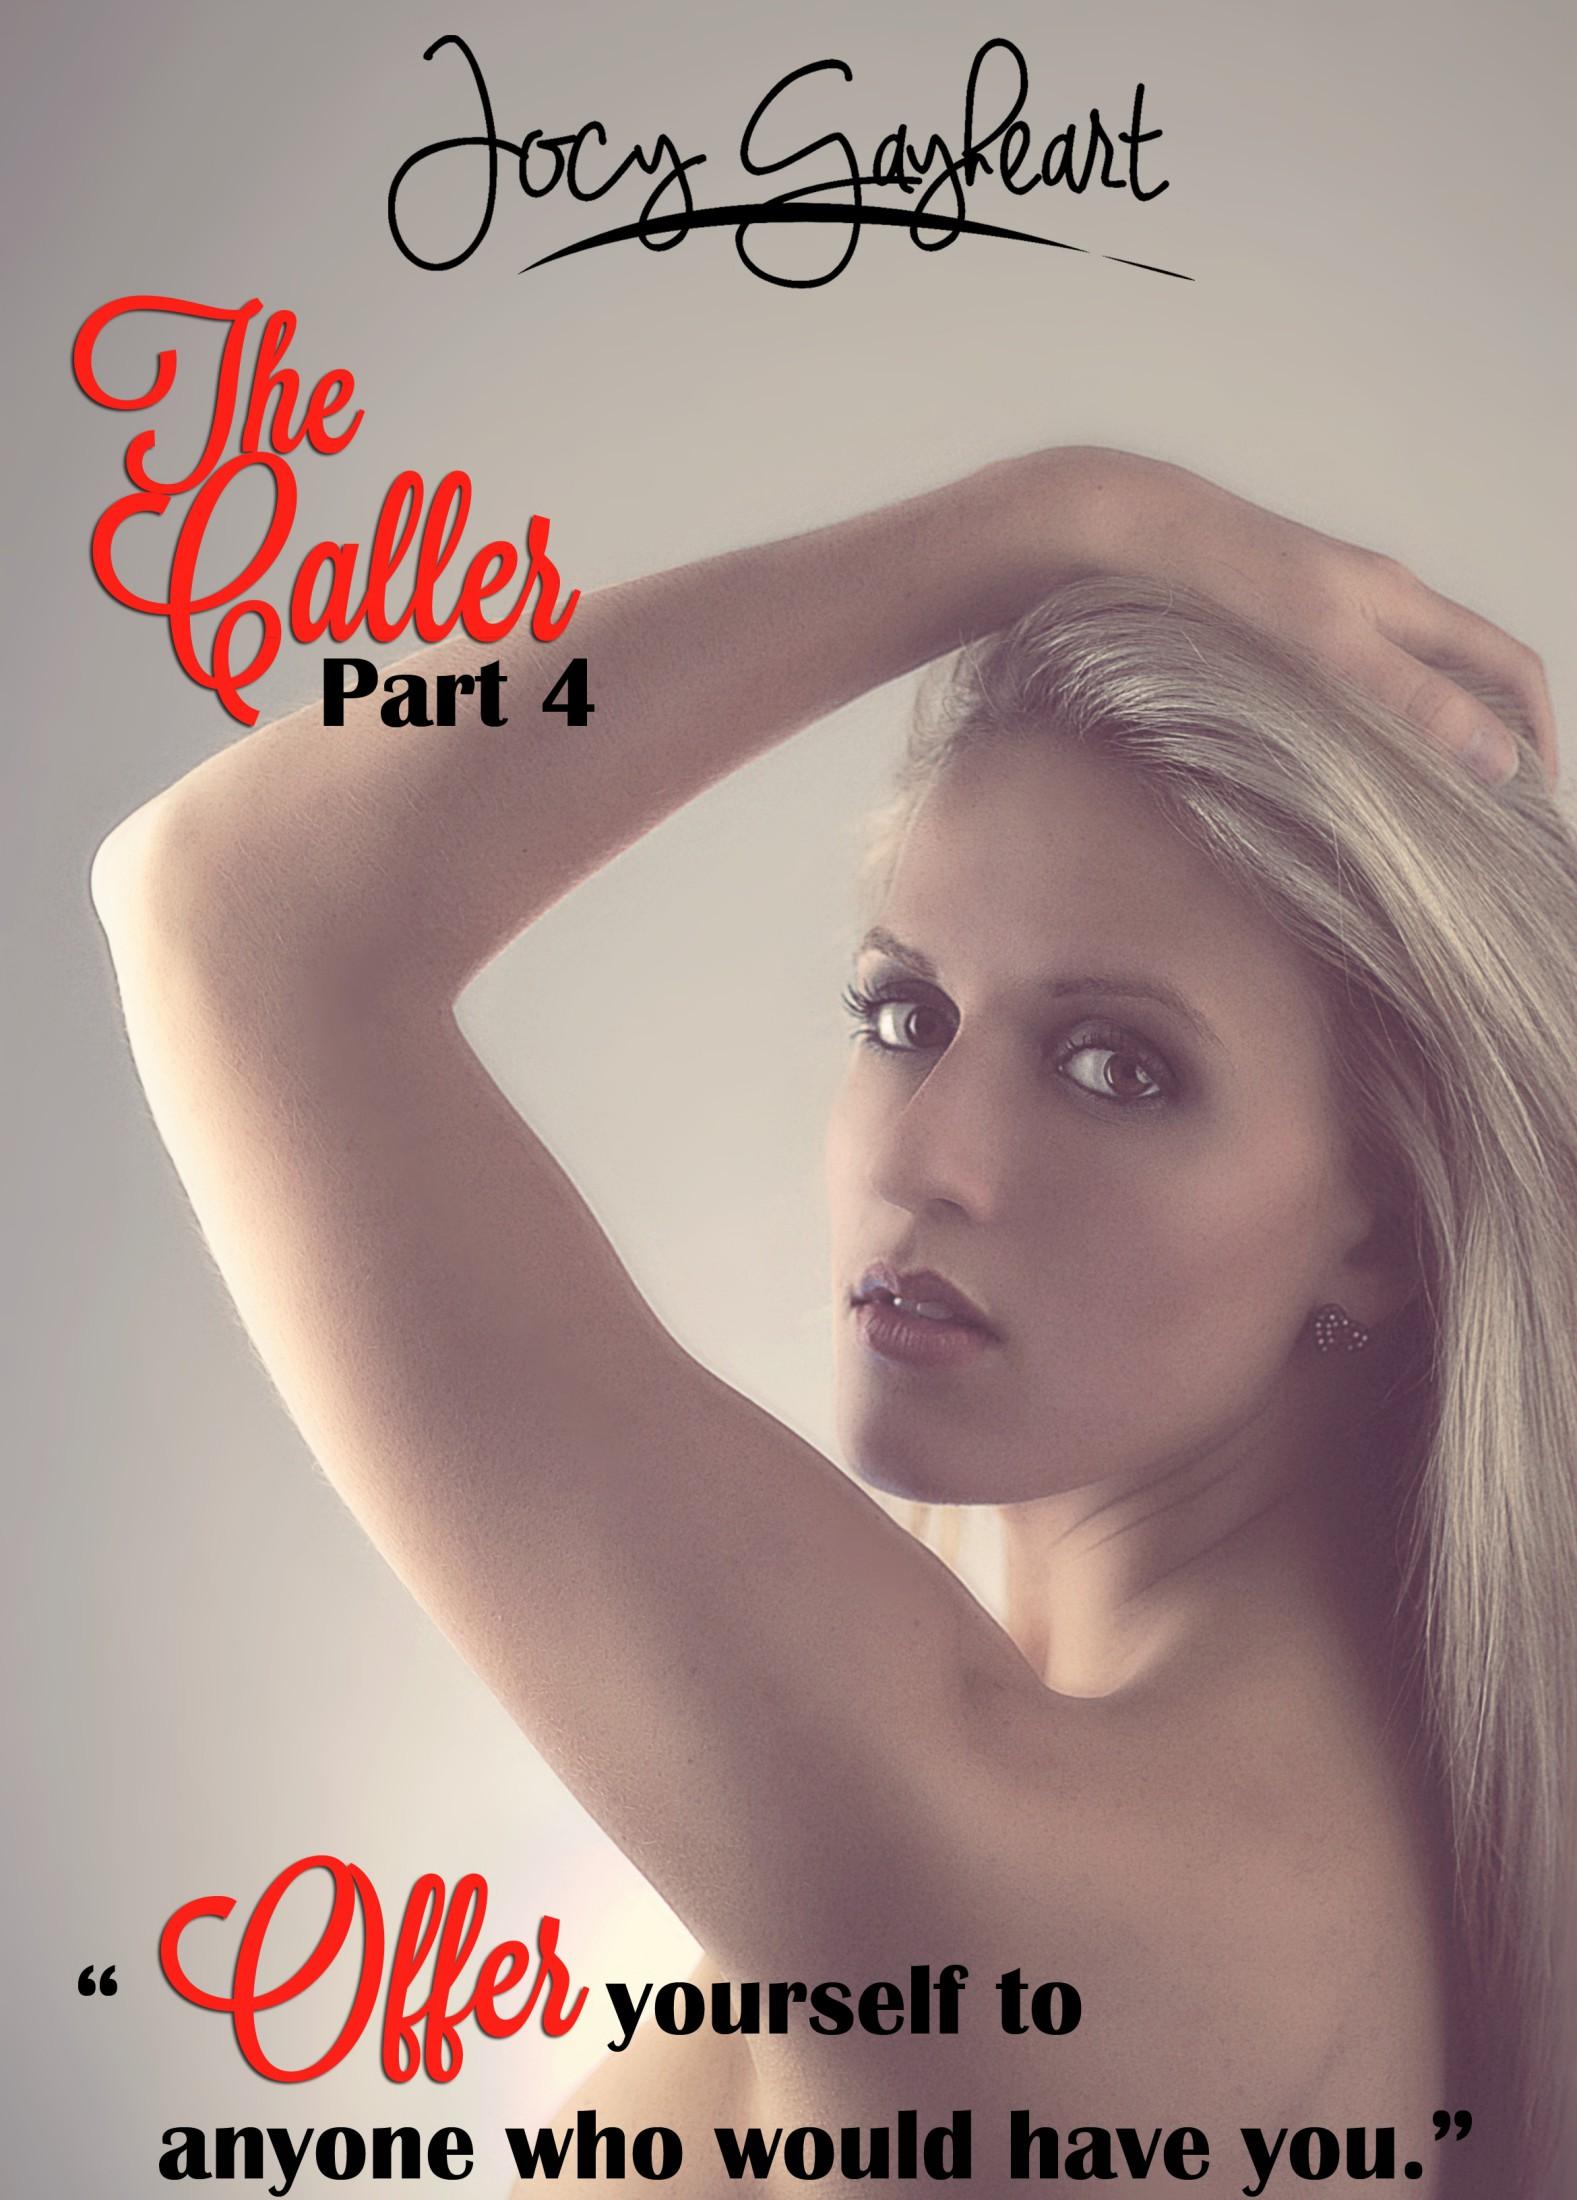 The caller - part 4